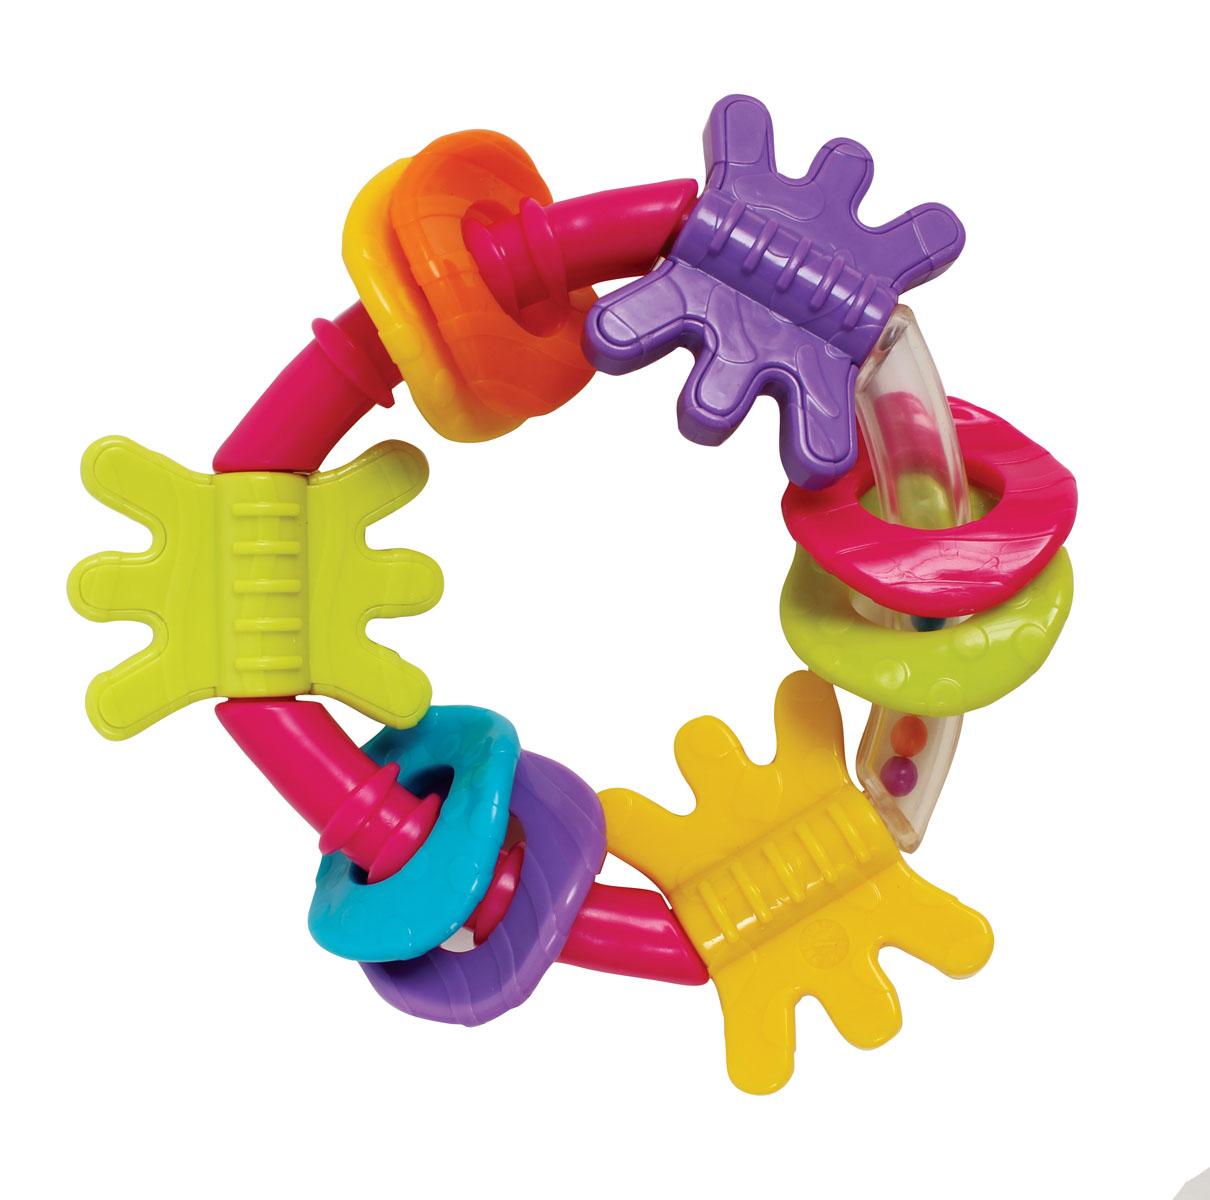 Playgro Игрушка-погремушка 41842064184206Треугольная погремушка с закругленными углами. Основание выполнено из пластика с разноцветными шариками внутри - они начинают перекатываться и греметь, как только малыш берет погремушку в руки. Также на ней расположены 9 разноцветных прорезывателей, которые можно передвигать и вращать.